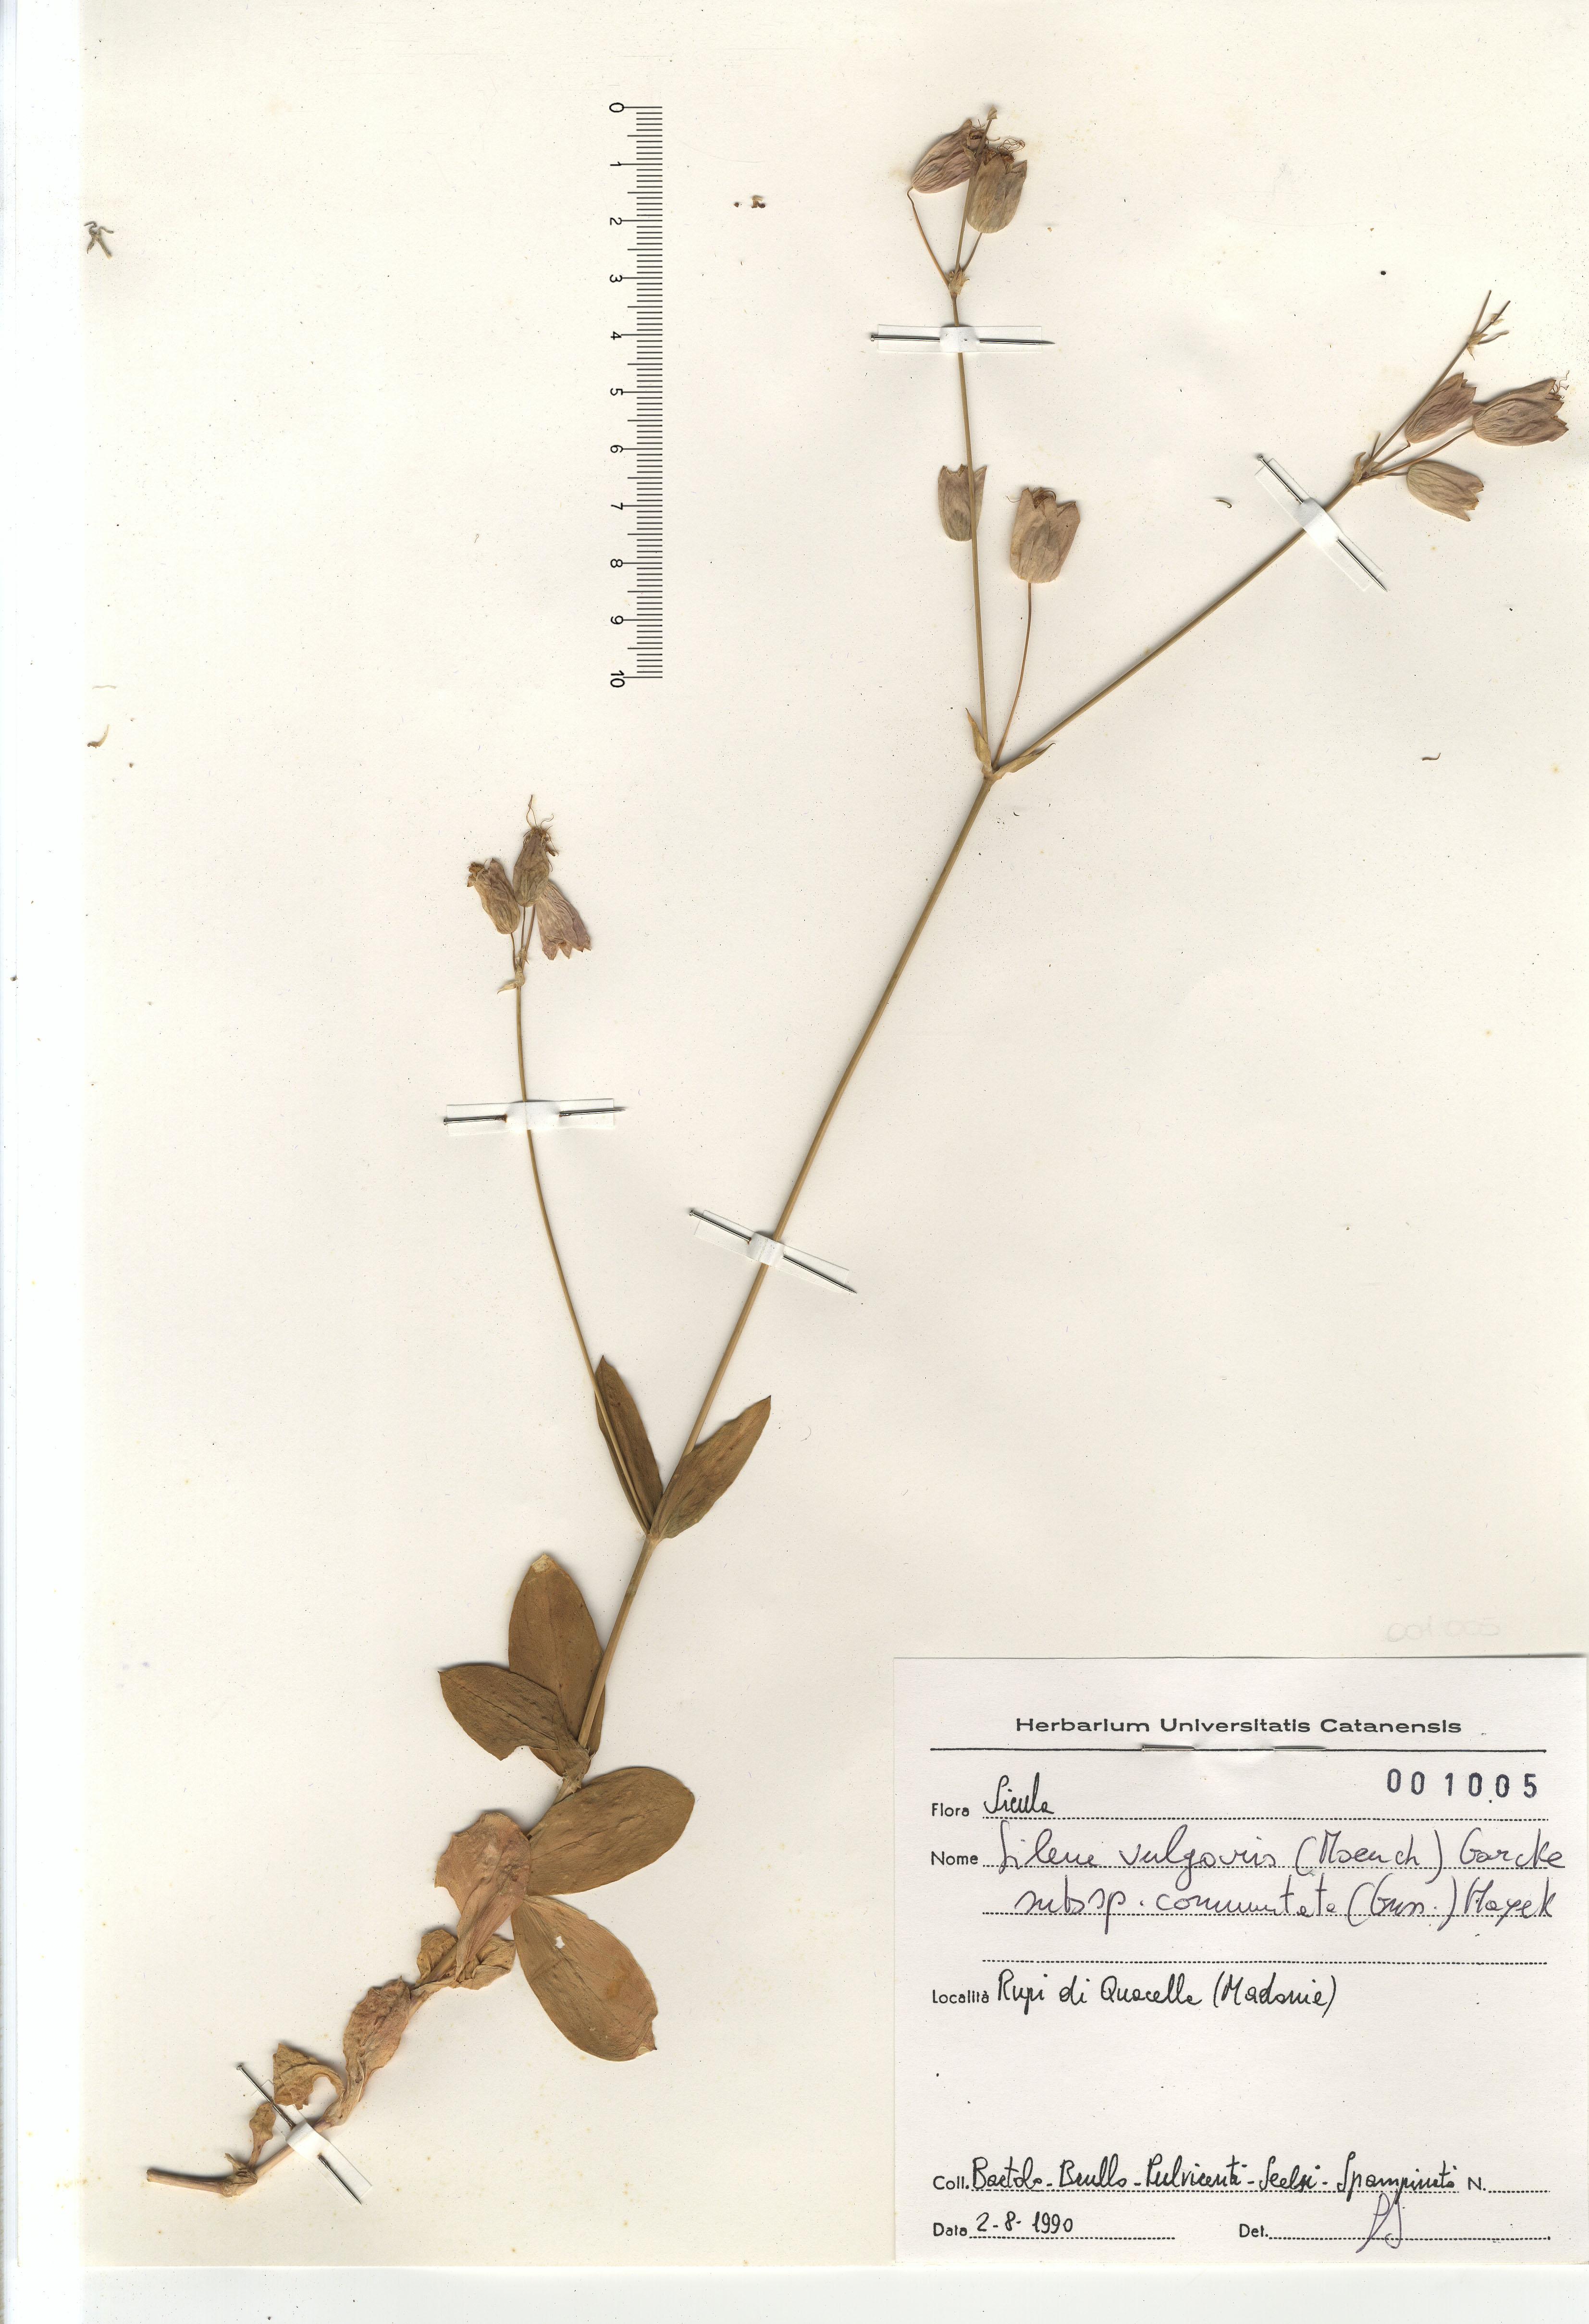 © Hortus Botanicus Catinensis - Herb. sheet 001005<br>